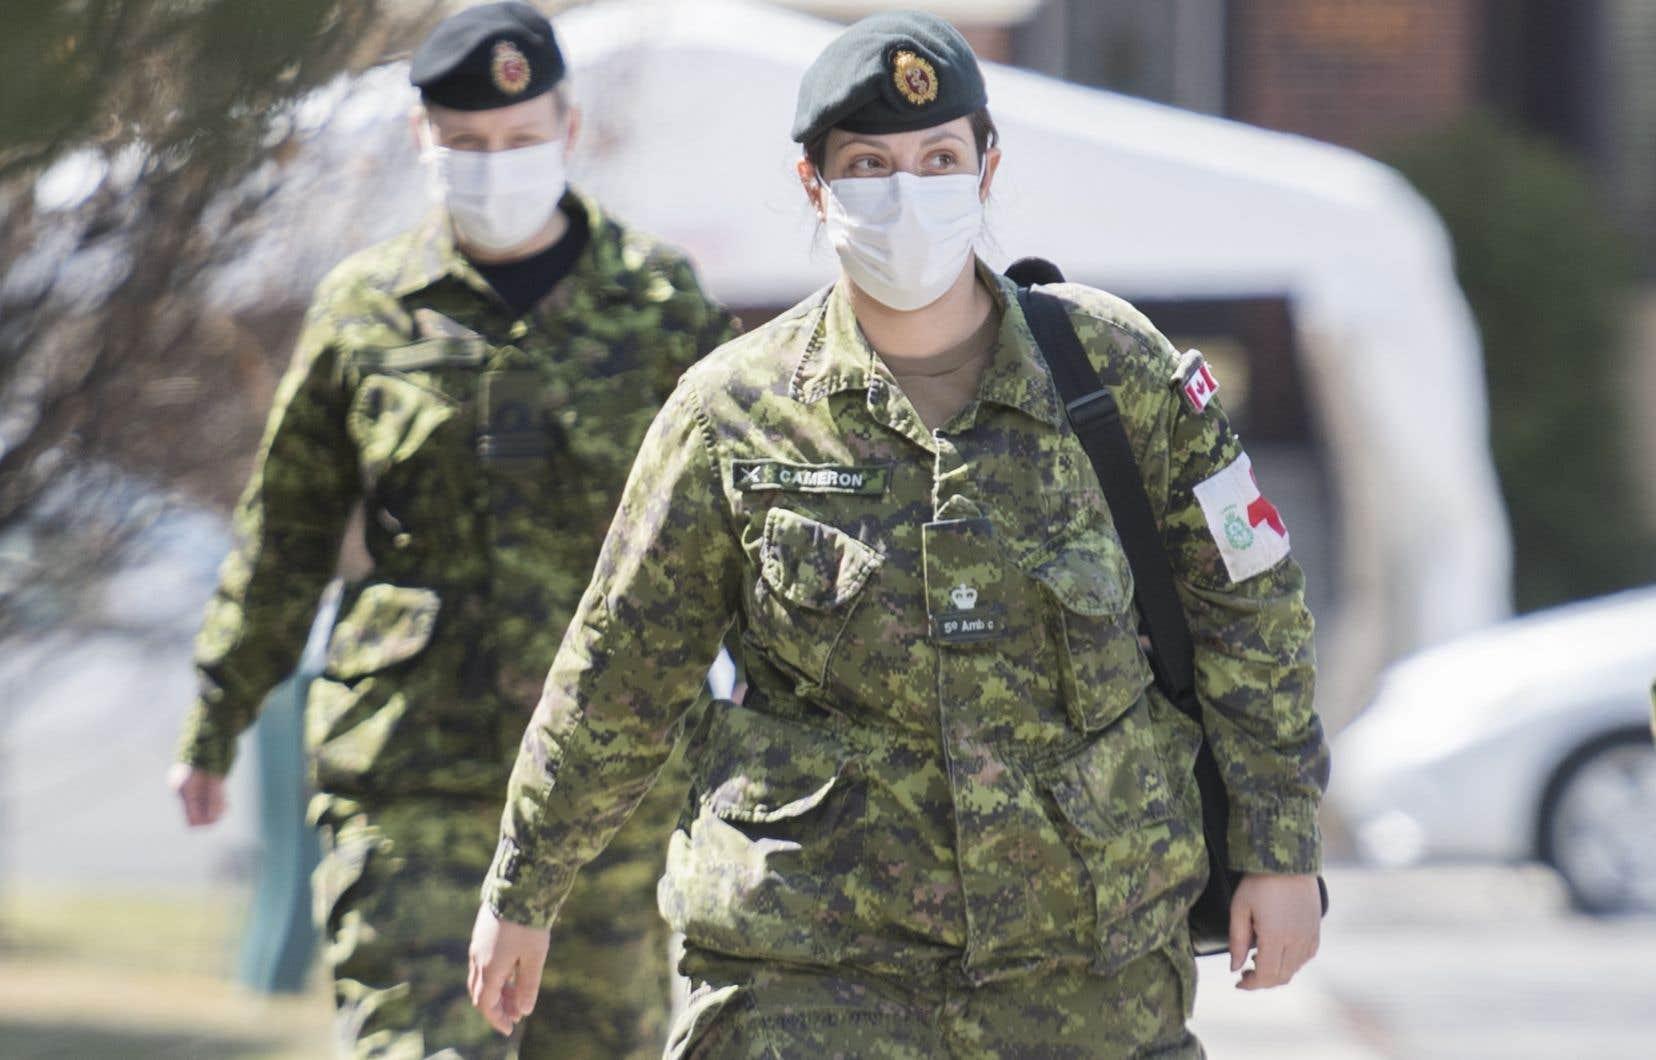 L'armée canadienne ne pliera pas complètement bagage dans deux semaines, puisque dix équipes de sept personnes resteront disponibles pour prêter main-forte en cas d'urgence.